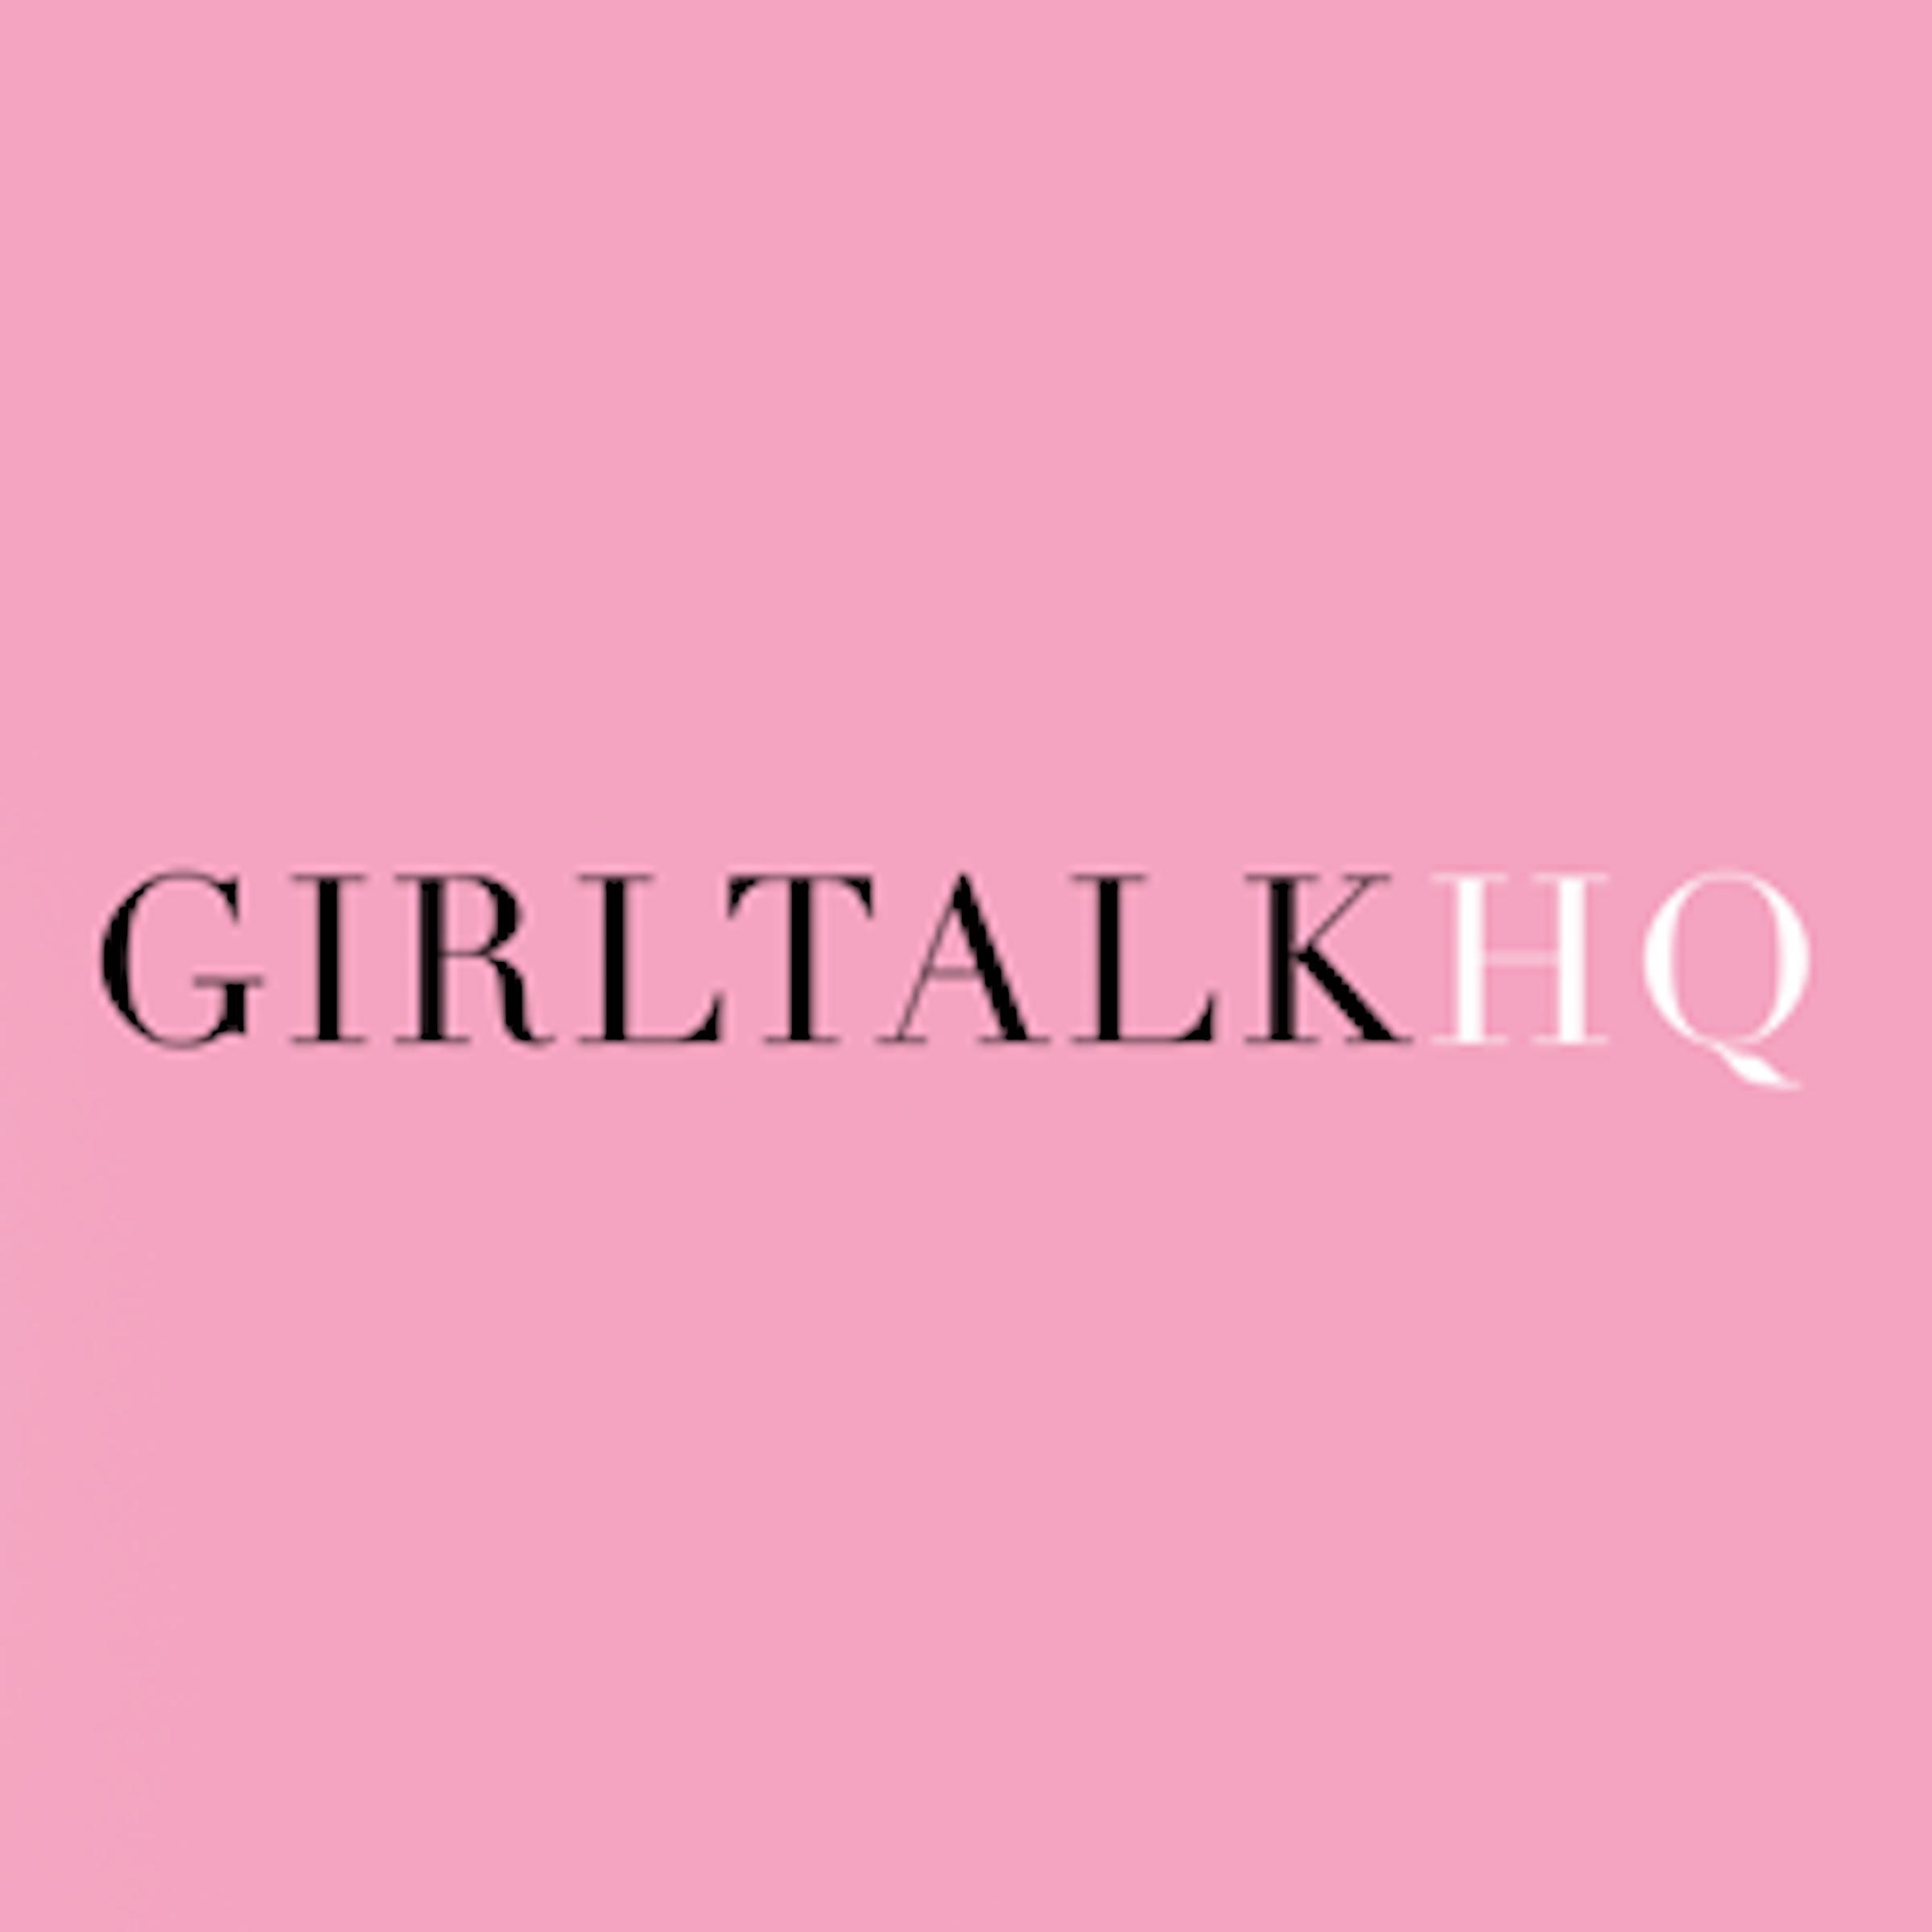 girltalkhq_0.jpg